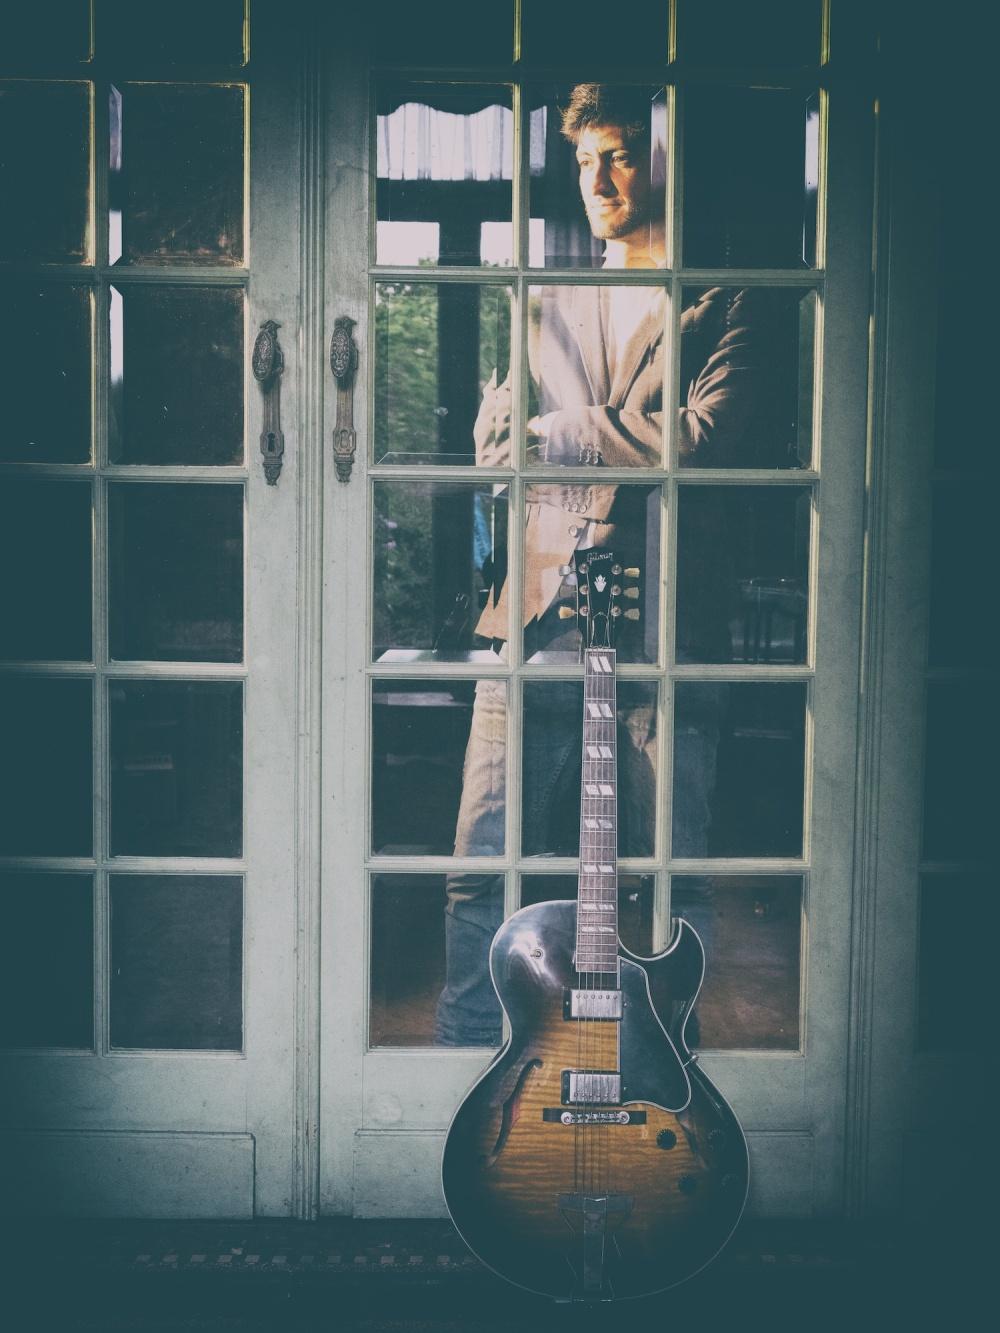 20180423-sonico_guitare-16-65